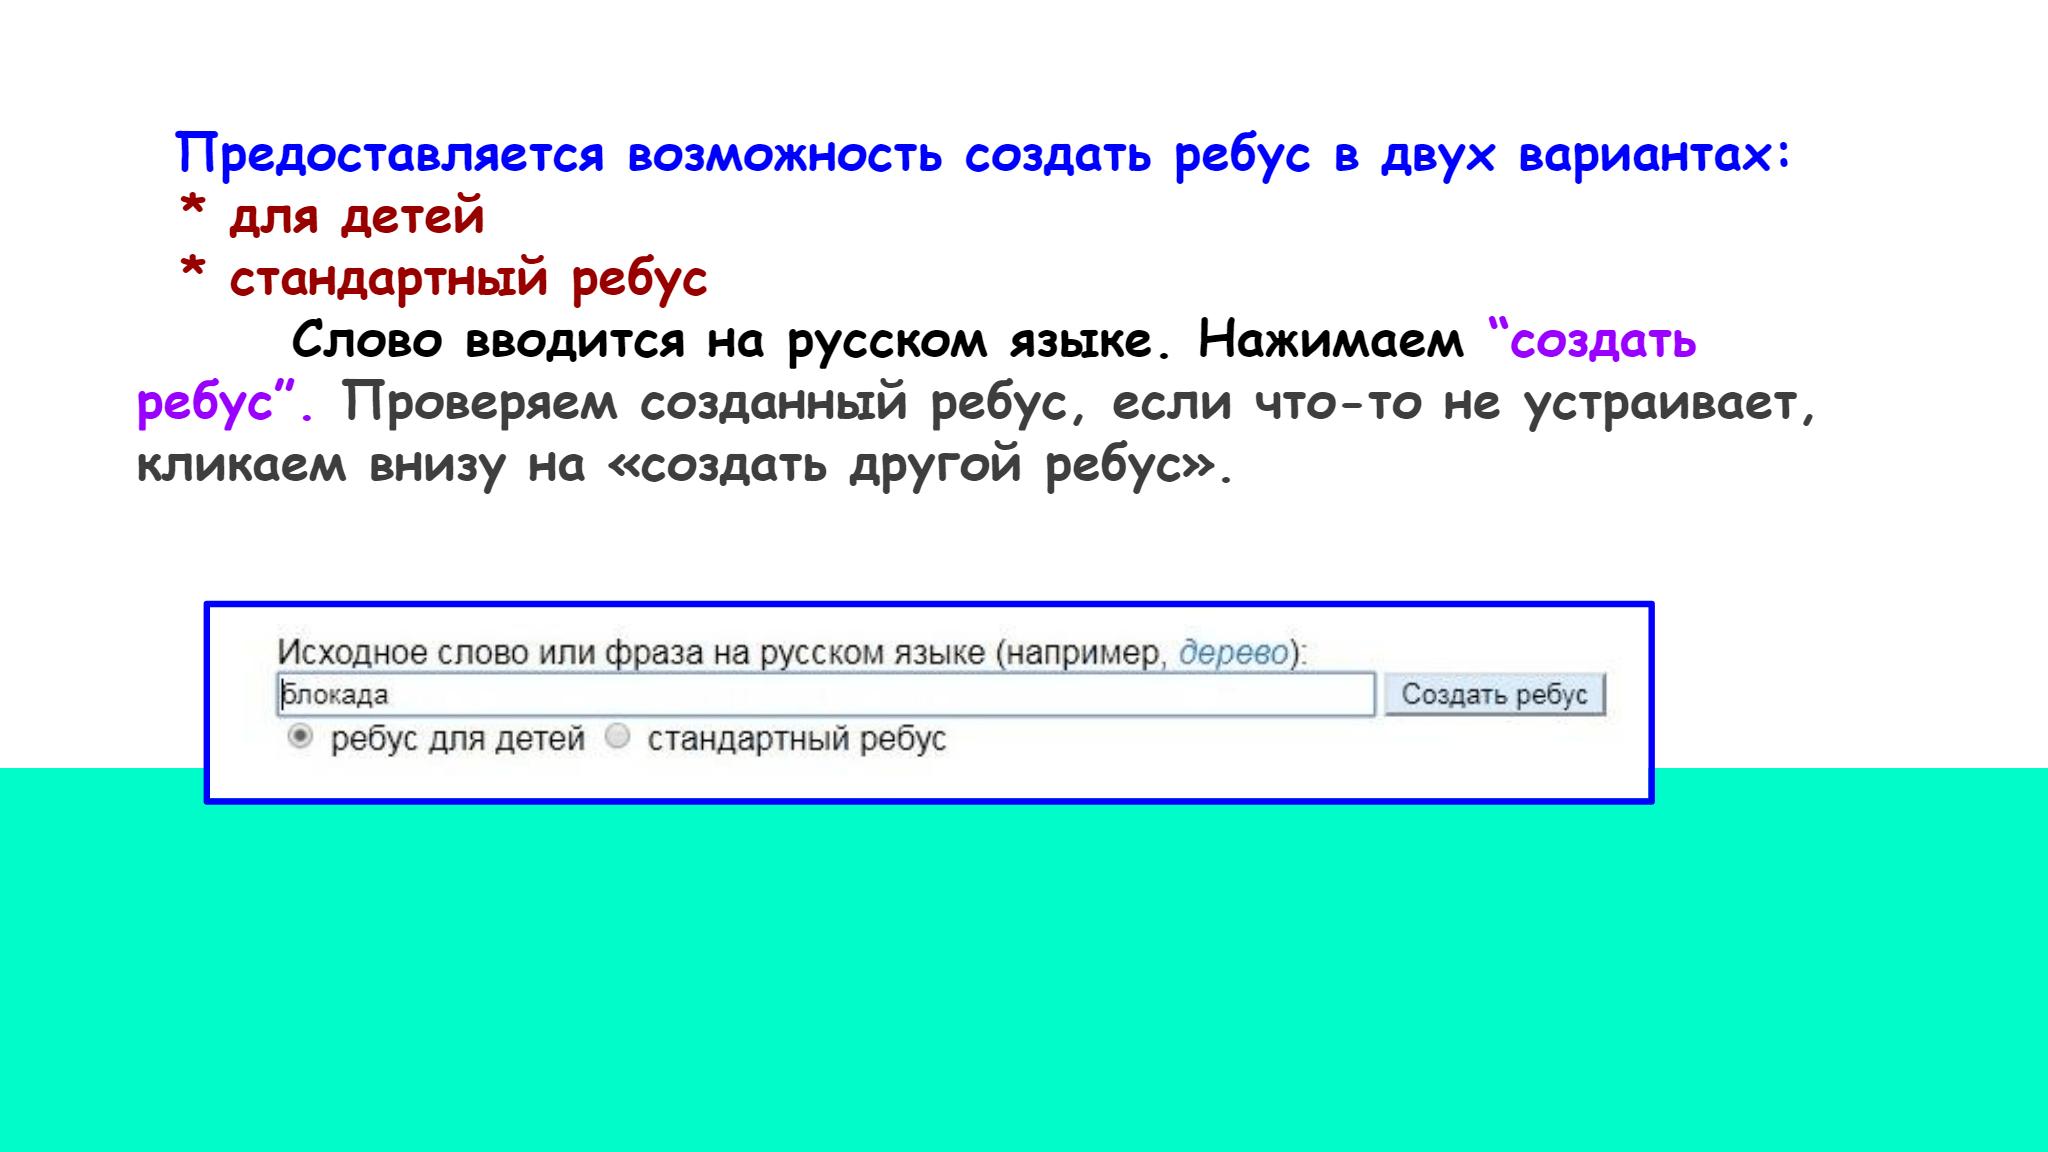 """Предоставляется возможность создать ребус в двух вариантах:     * для детей    * стандартный ребус          Слово вводится на русском языке. Нажимаем  """"создать  ребус"""".  Проверяем созданный ребус, если что-то не устраивает,   кликаем внизу на «создать другой ребус»."""